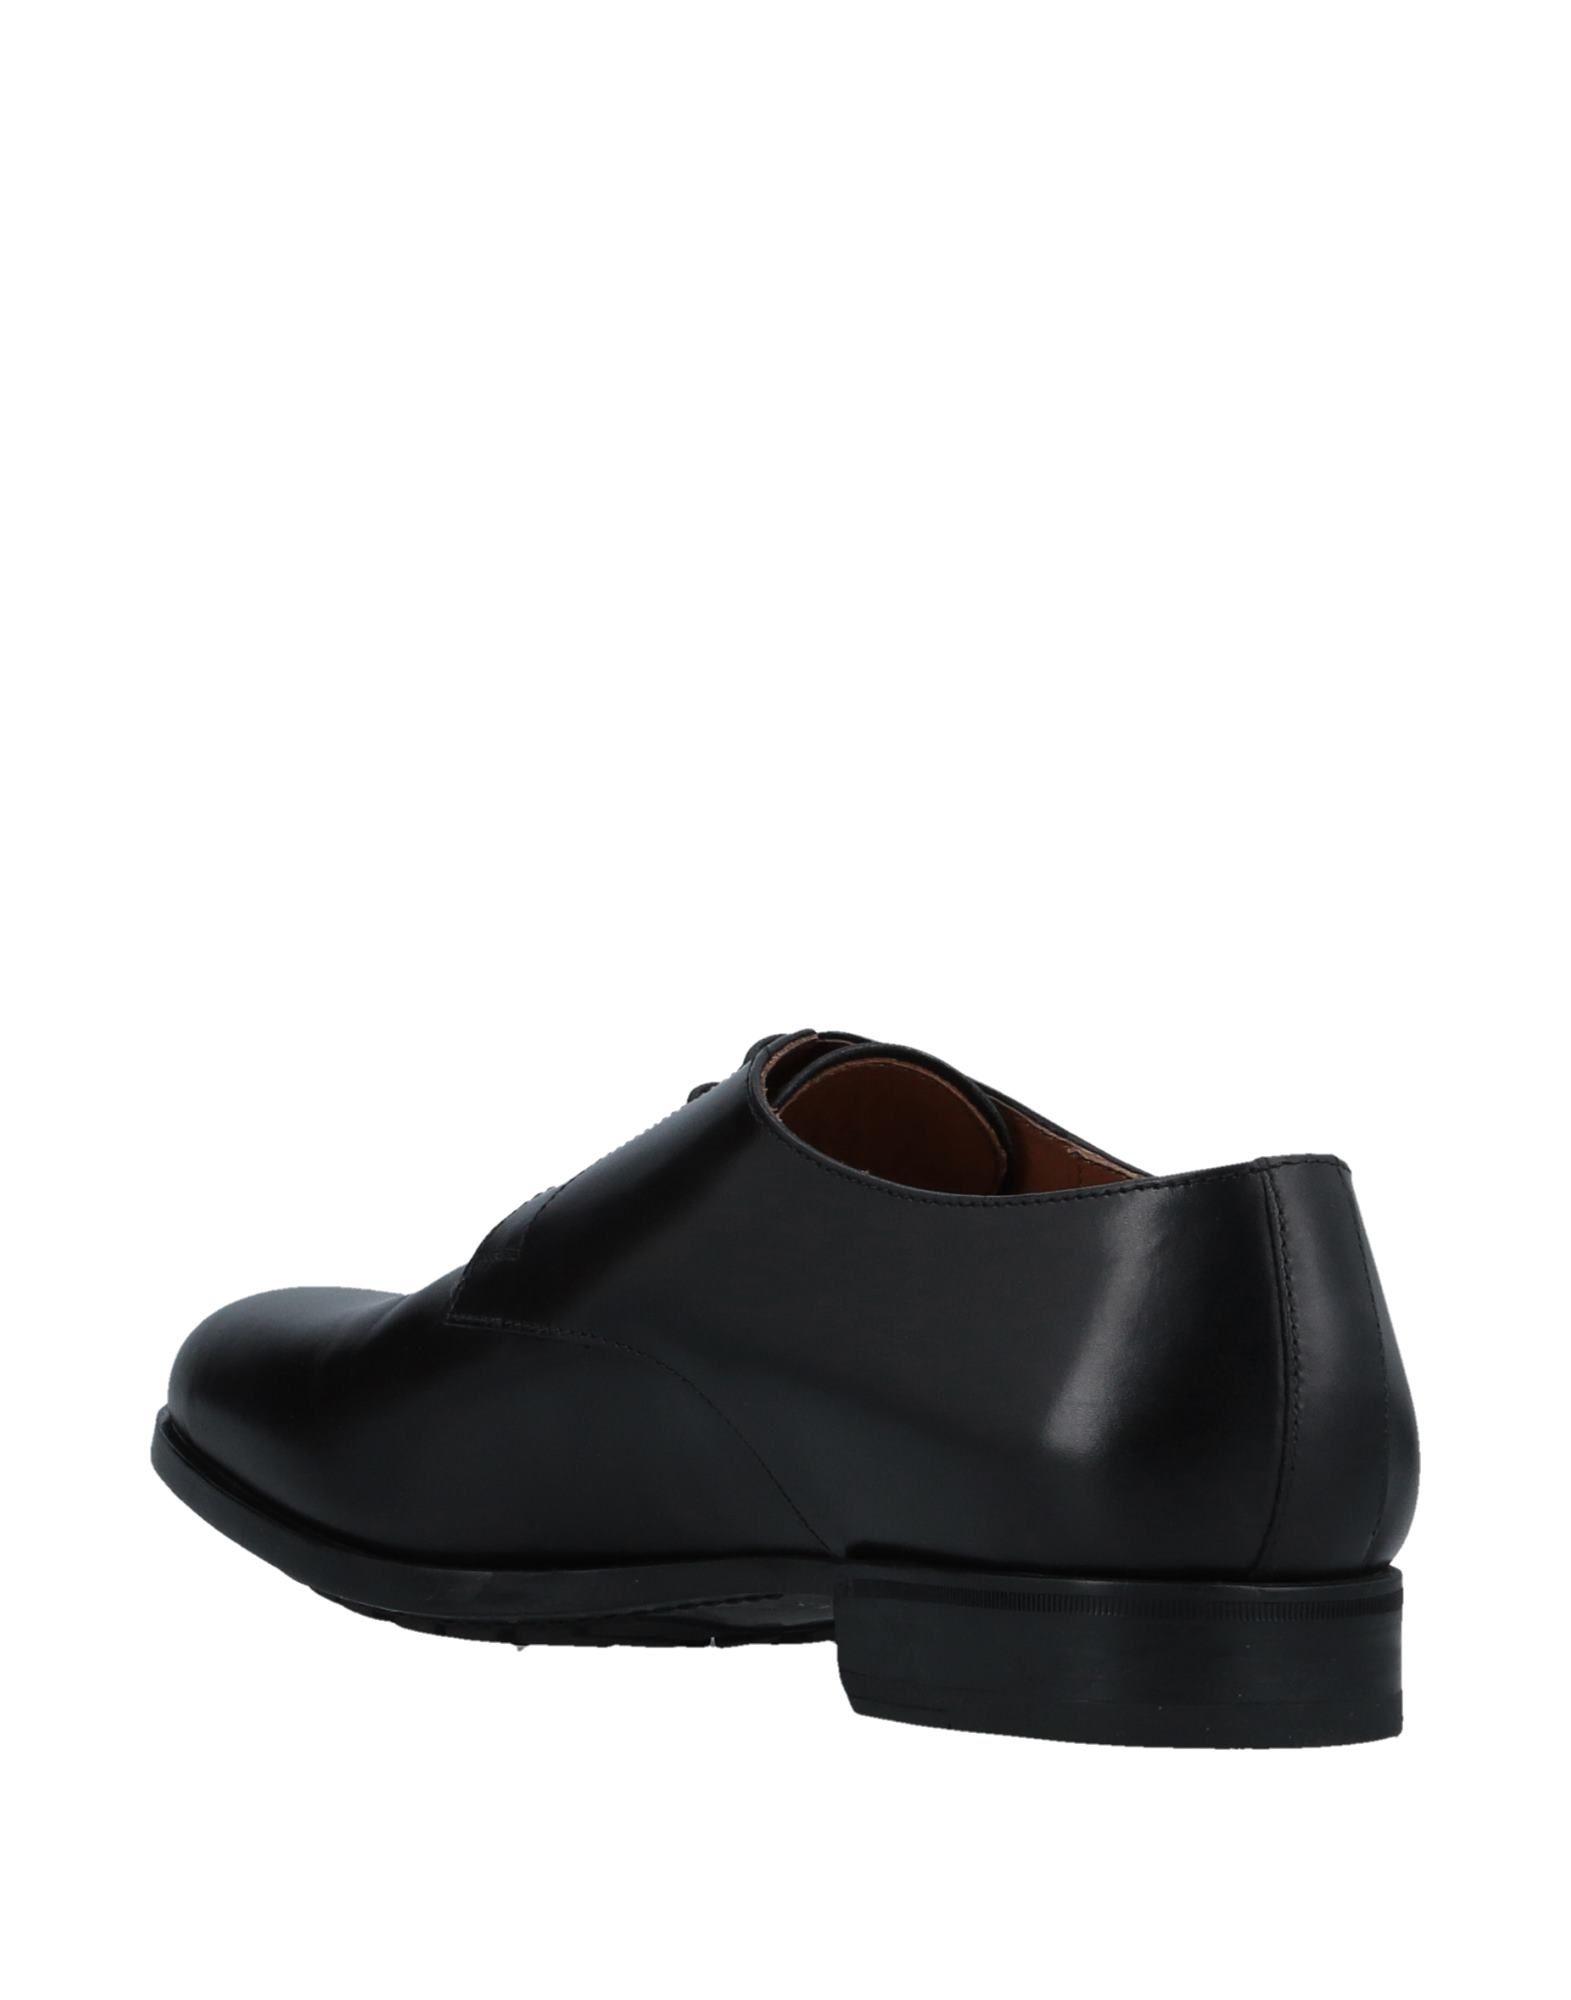 Doucal's Schnürschuhe Herren  11506430KJ Schuhe Gute Qualität beliebte Schuhe 11506430KJ 6b6de7